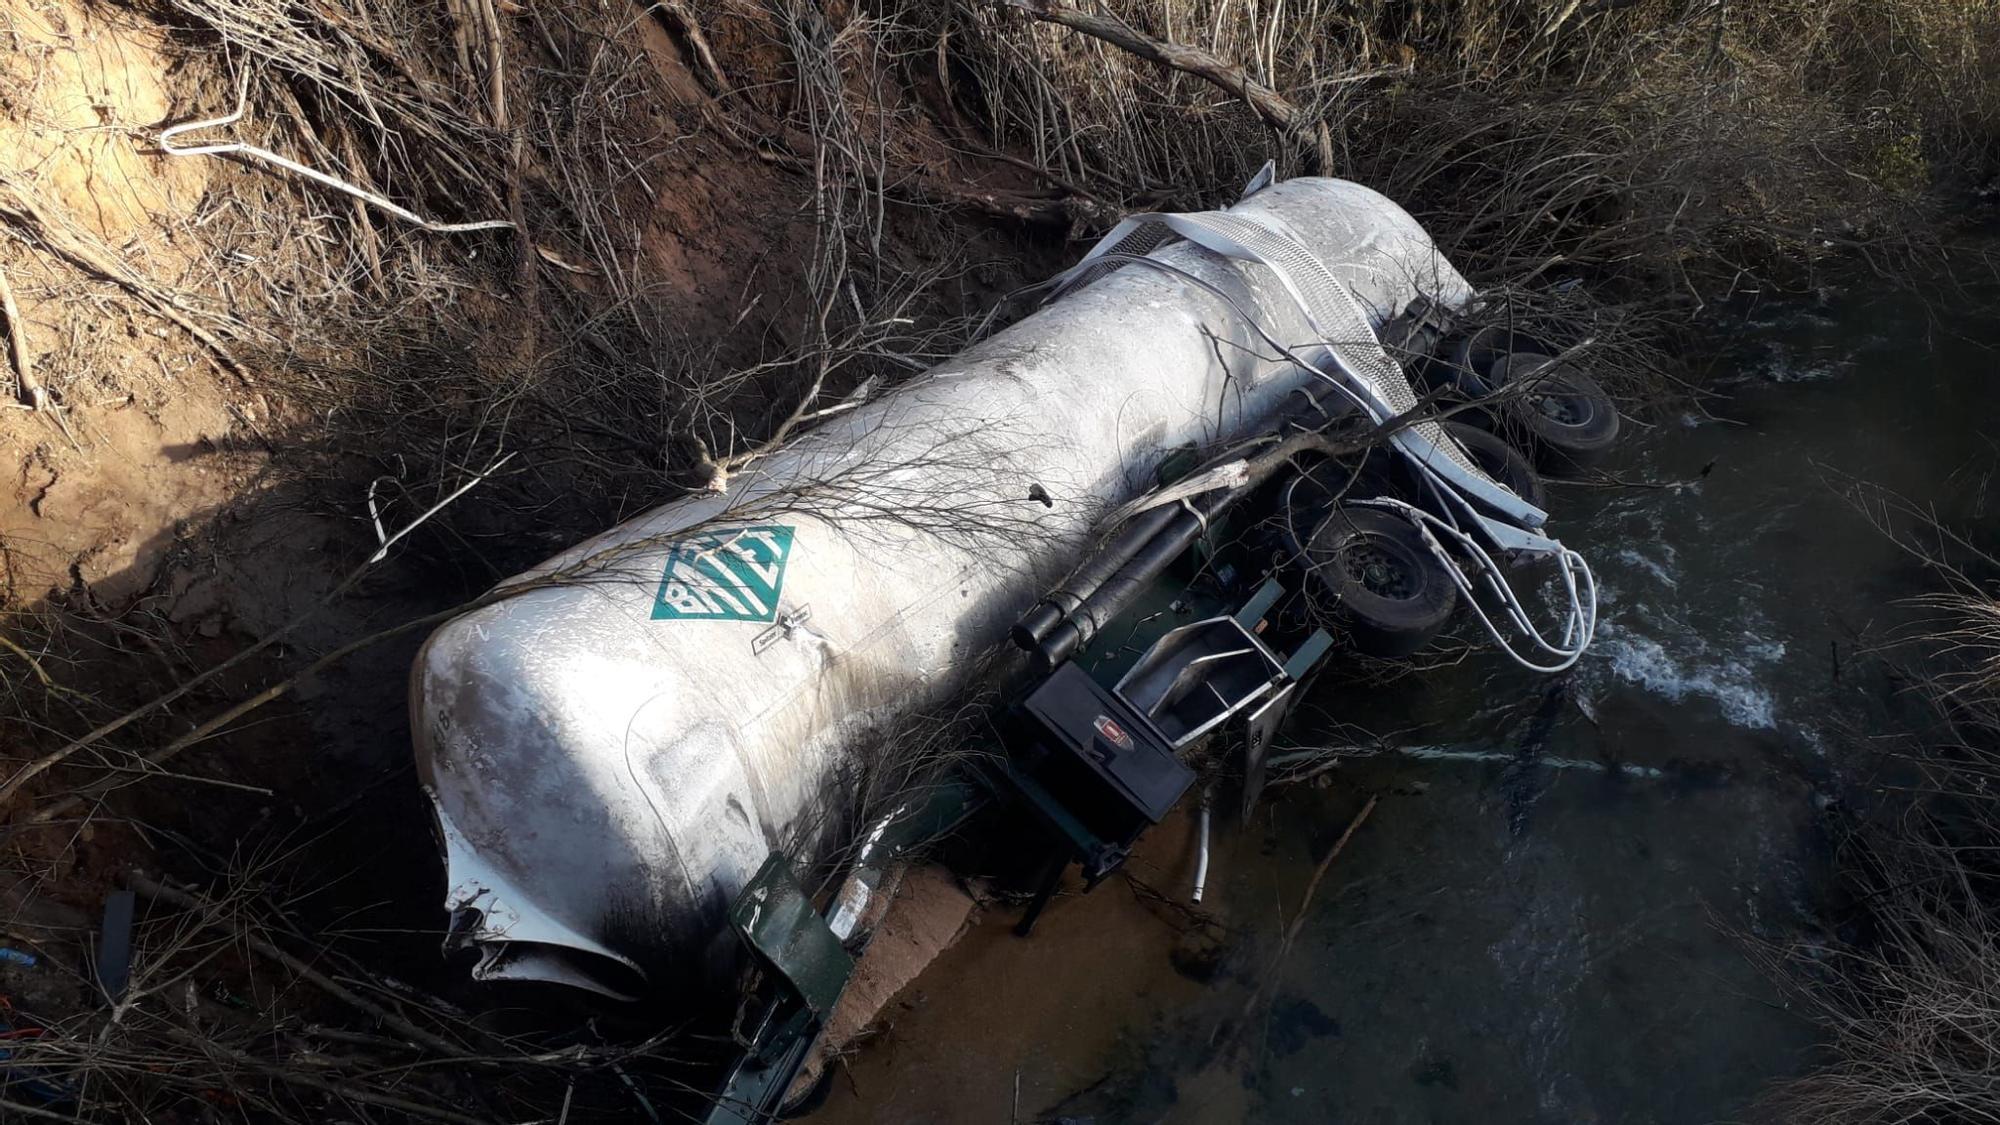 Un camión cargado de harina cae de un puente en Castielfabib y provoca un gran estruendo